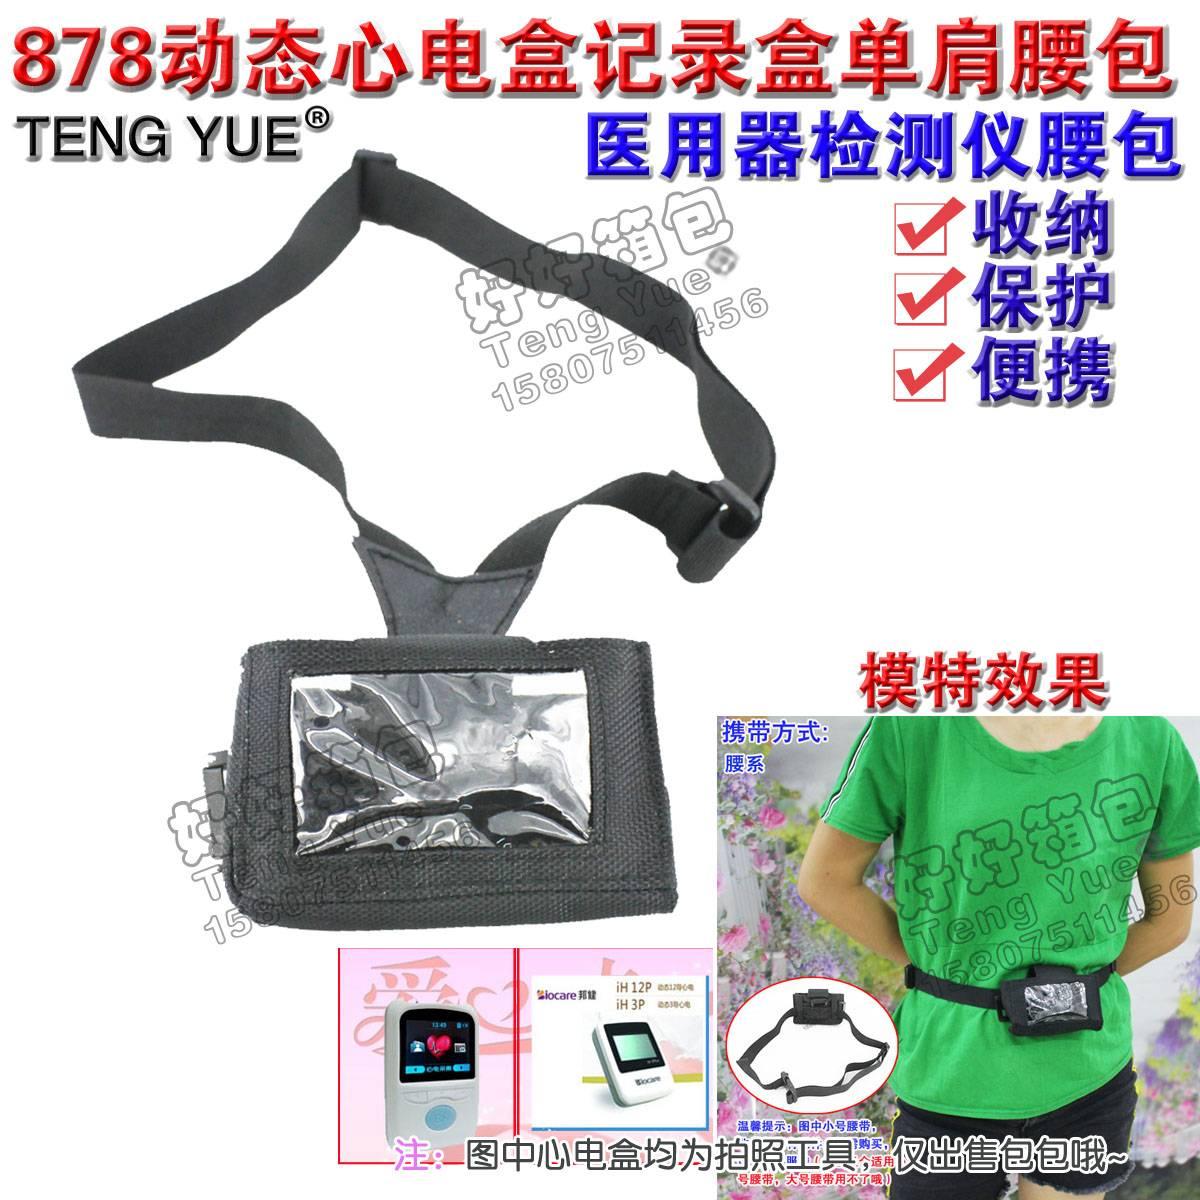 【好好箱包】广东新丰TENG YUE878动态心电盒记录盒单肩腰包防水耐磨医用器检测仪腰包